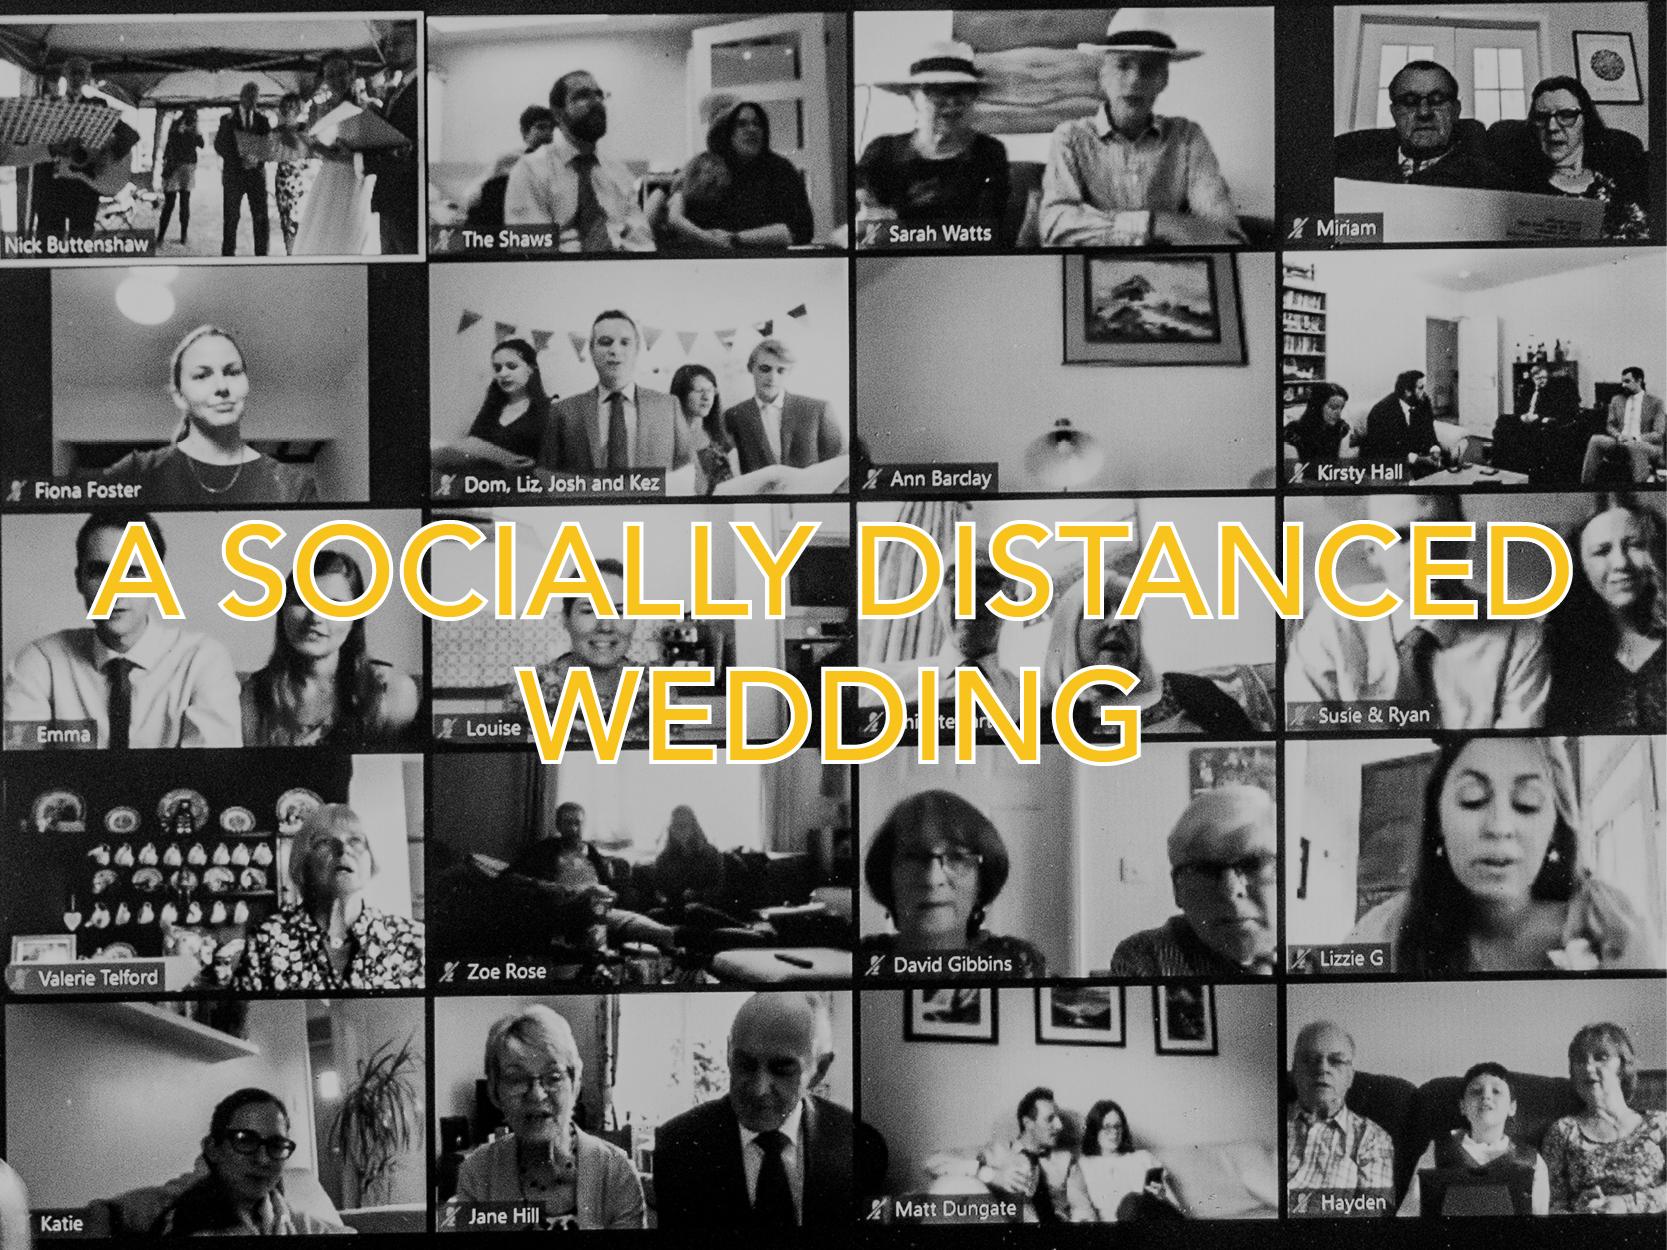 A Socially Distanced Wedding